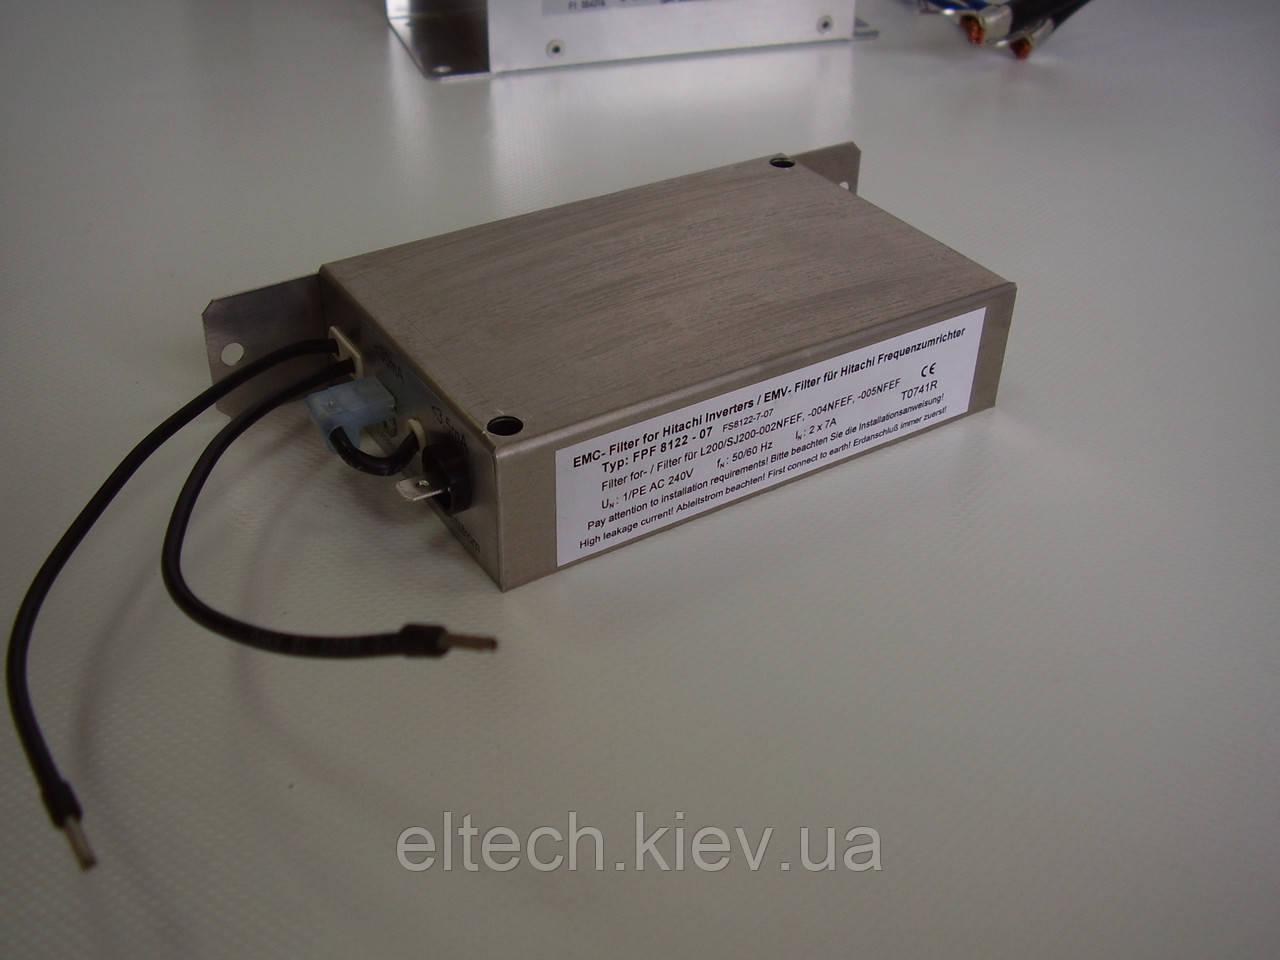 Фильтр для SJ700D-(370, 450)HFEF. Фильтр сетевой BTFB-266-G-3-115